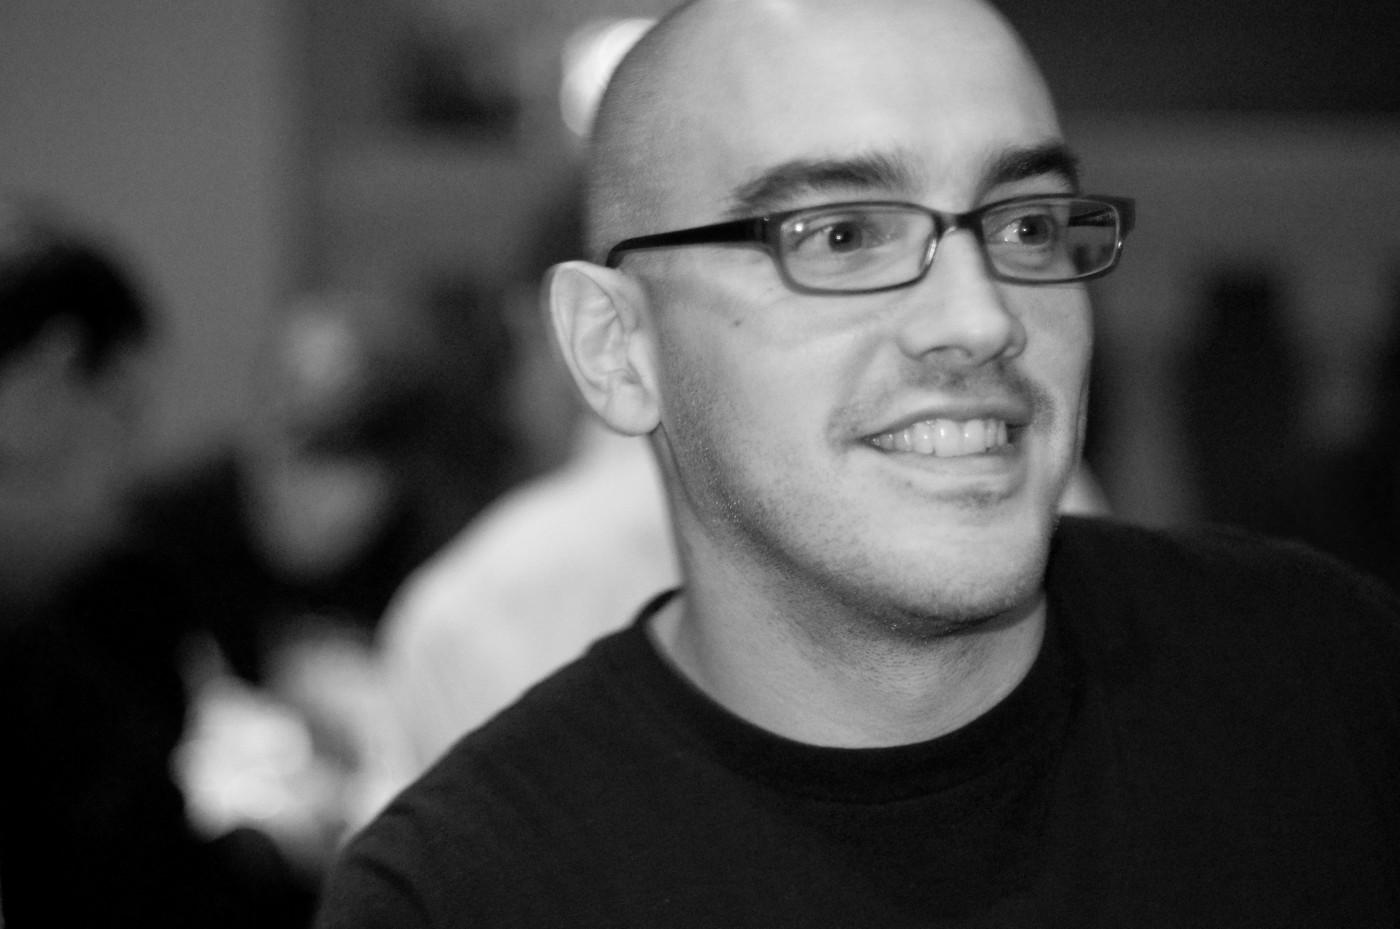 《紐時》揭多起矽谷科技圈性騷擾事件,500 Startups創辦人Dave McClure因此離開管理職